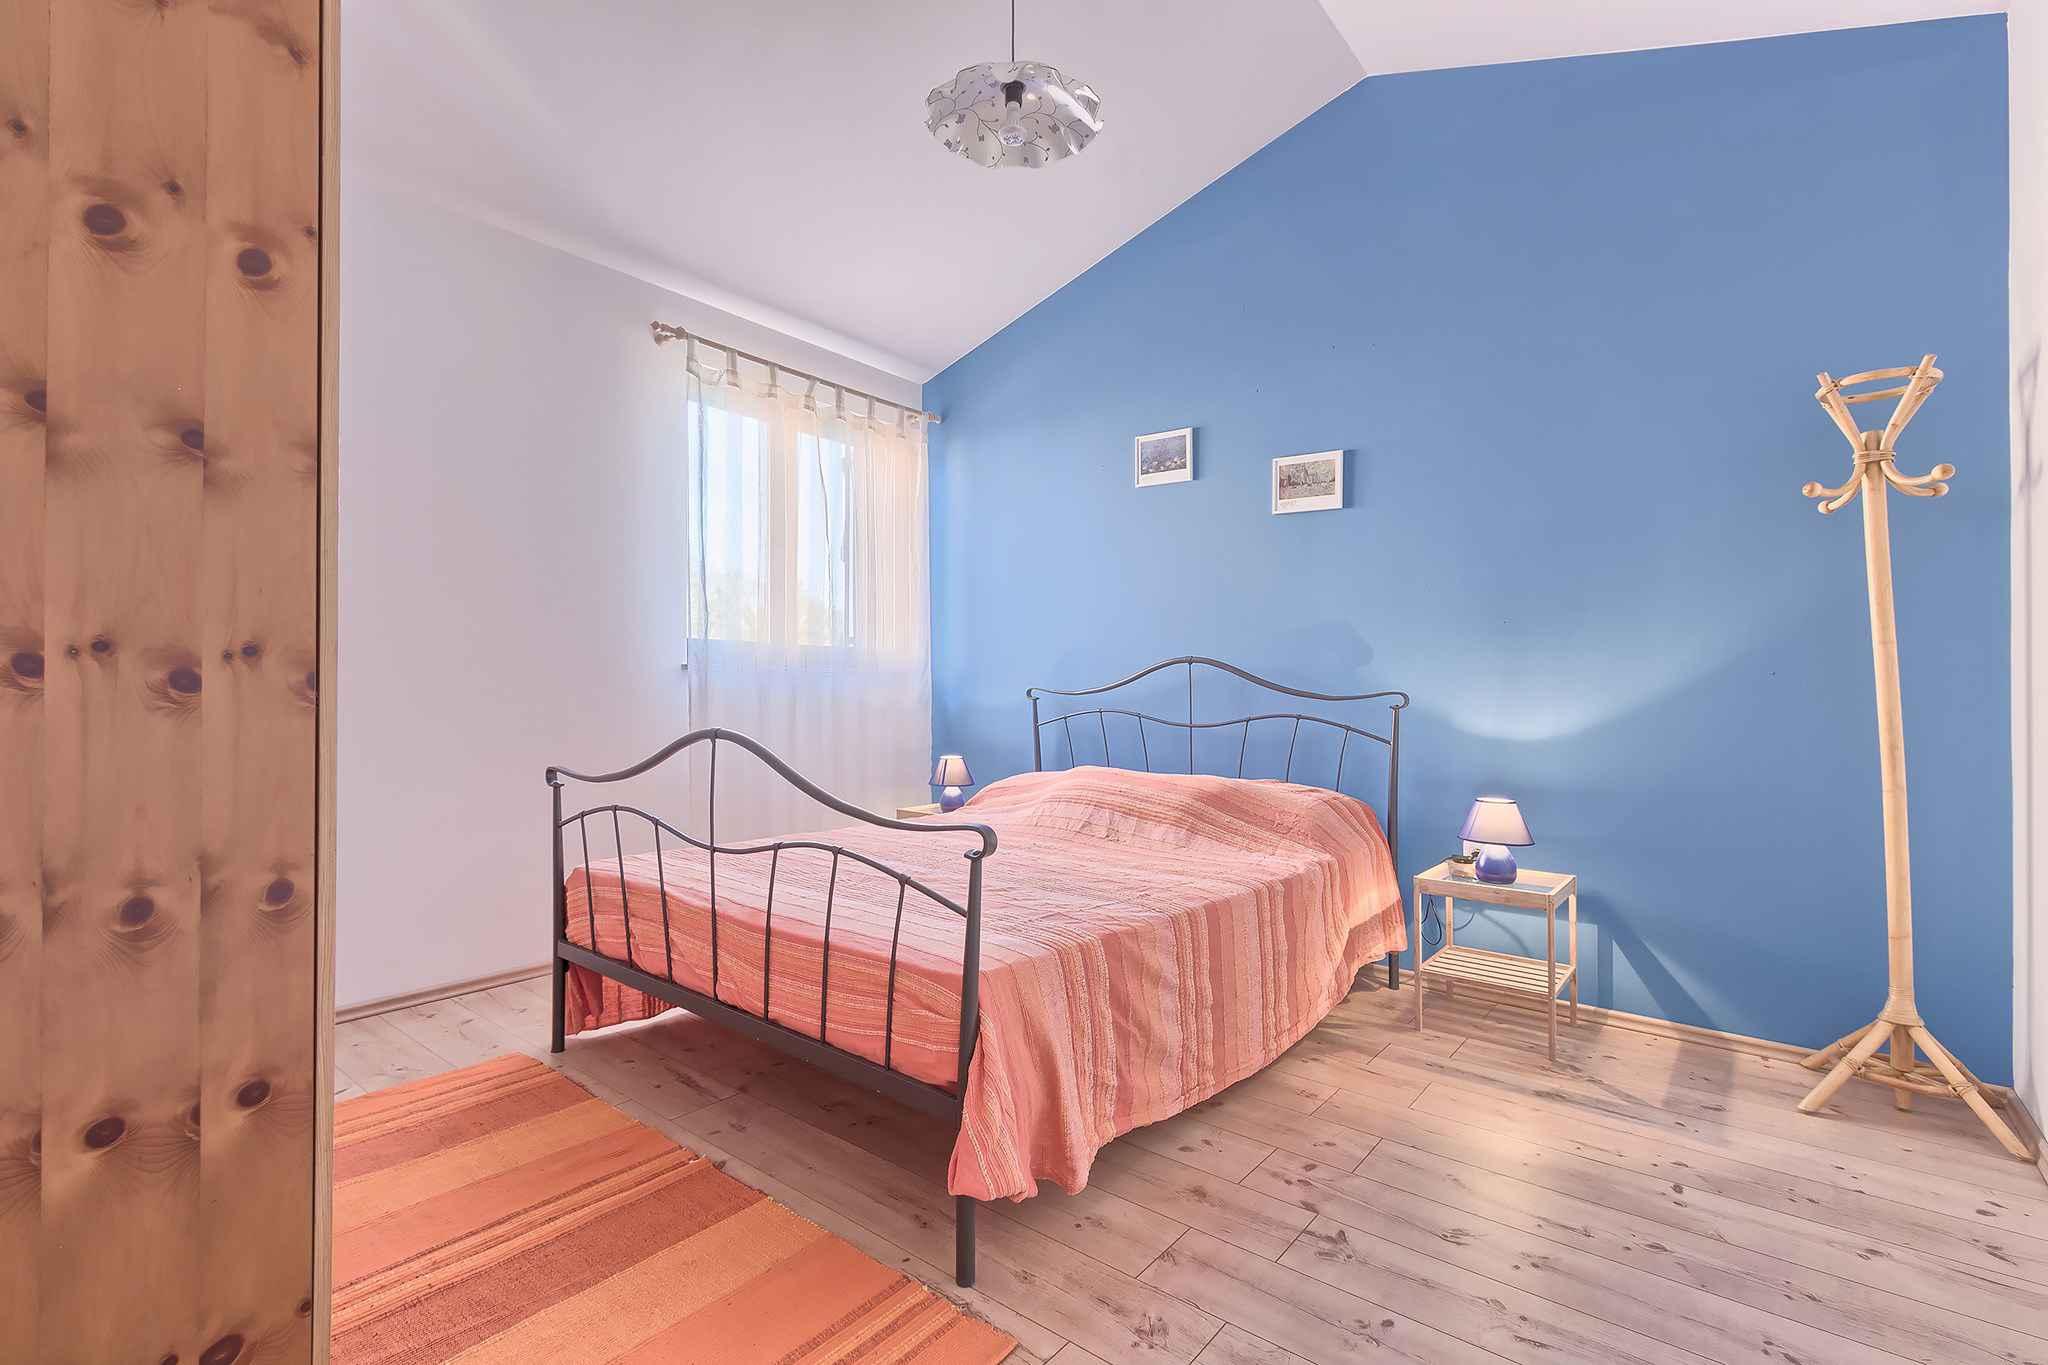 Ferienhaus mit Garten (470324), Marcana, , Istrien, Kroatien, Bild 24